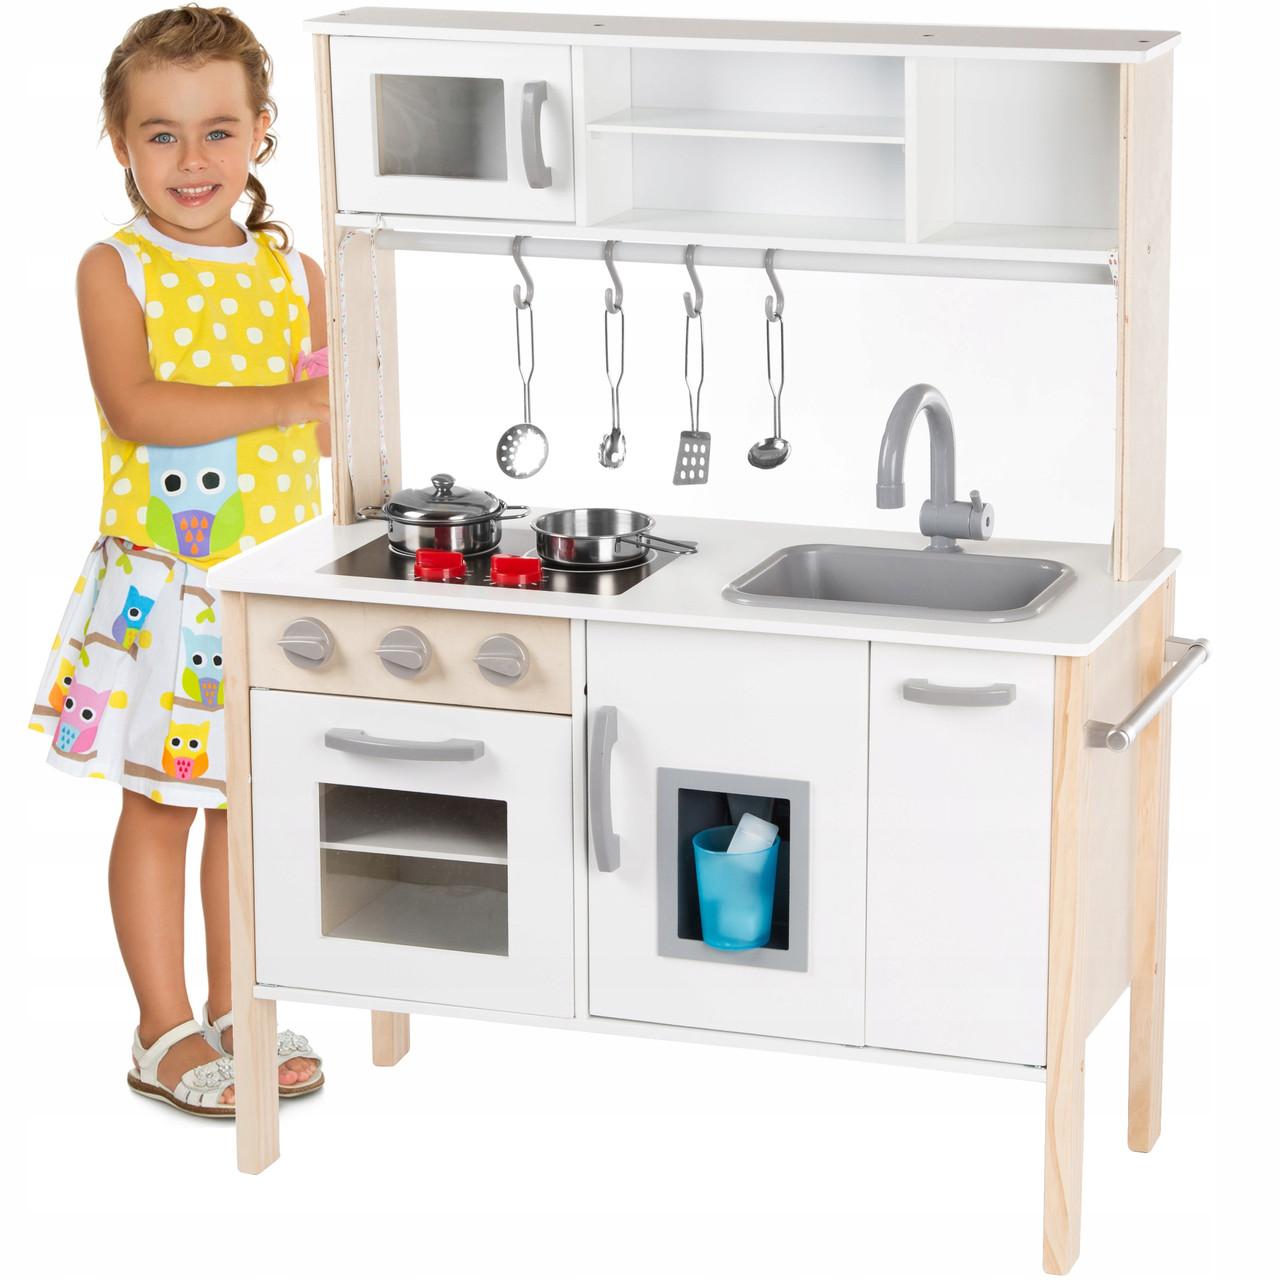 Дитяча кухня KINDERPLAY  зі світлом